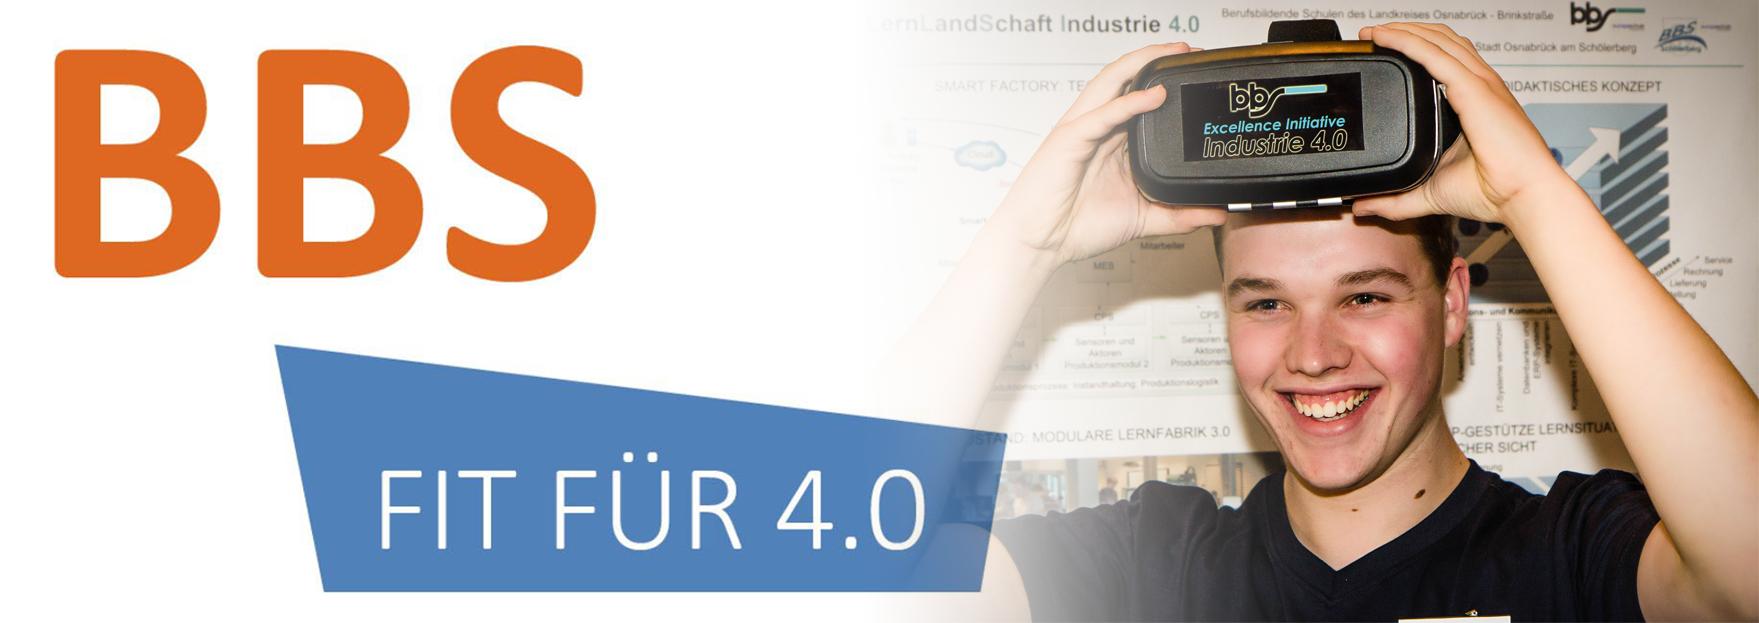 Schüler mit Datenbrille (VR), bbs-Initiative Industrie 4.0